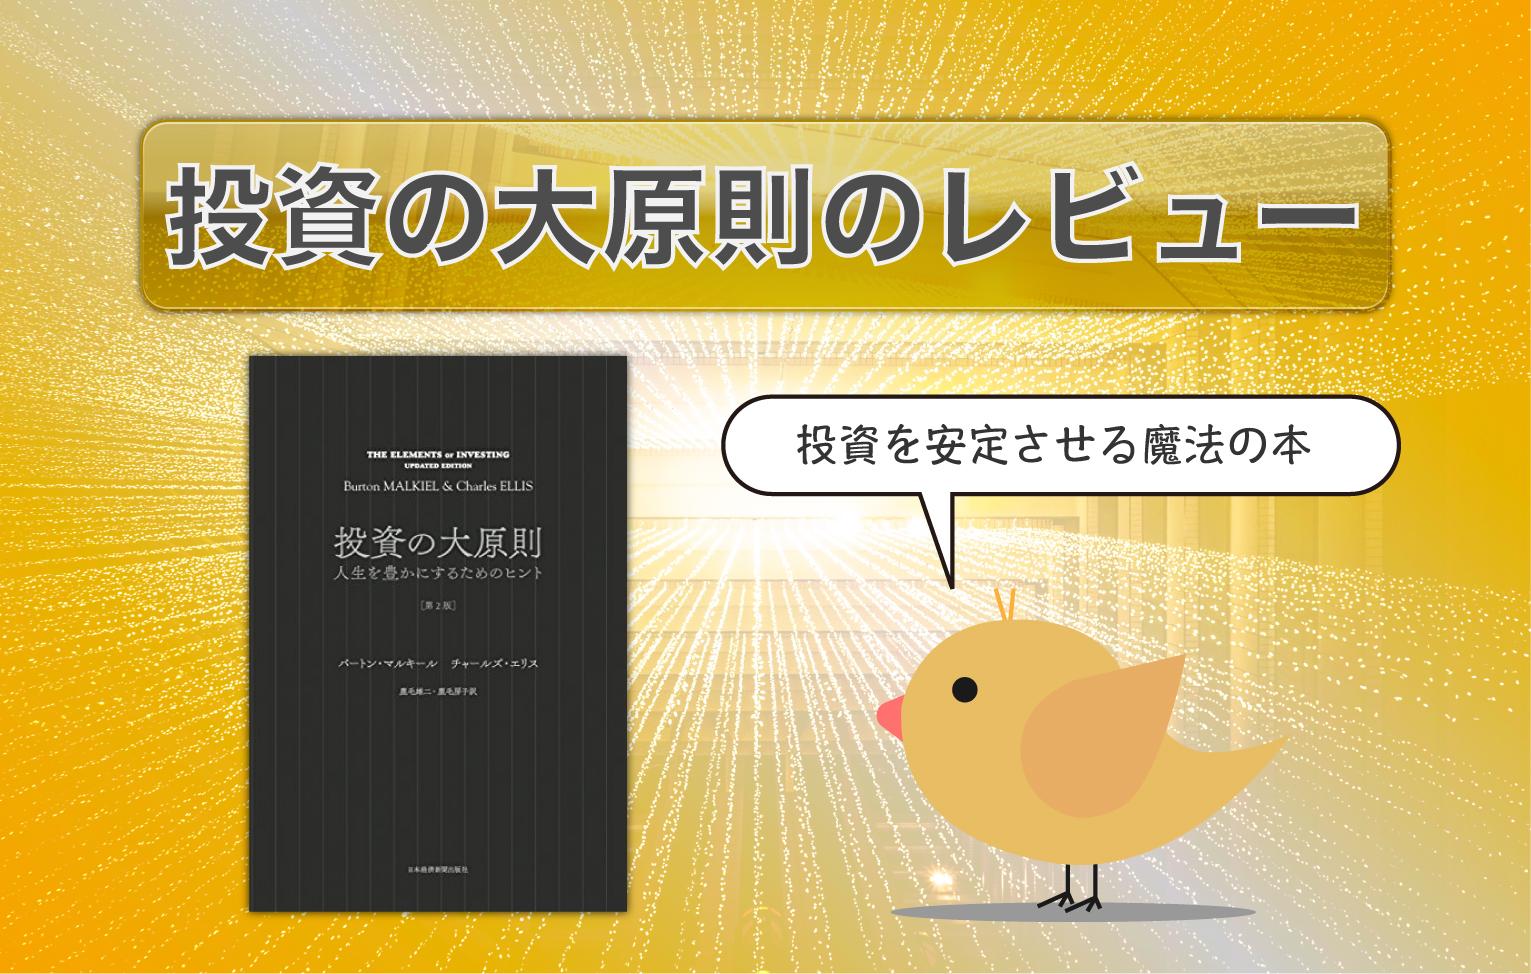 『投資の大原則』の要約【読むだけで投資を安全にできる魔法の一冊】